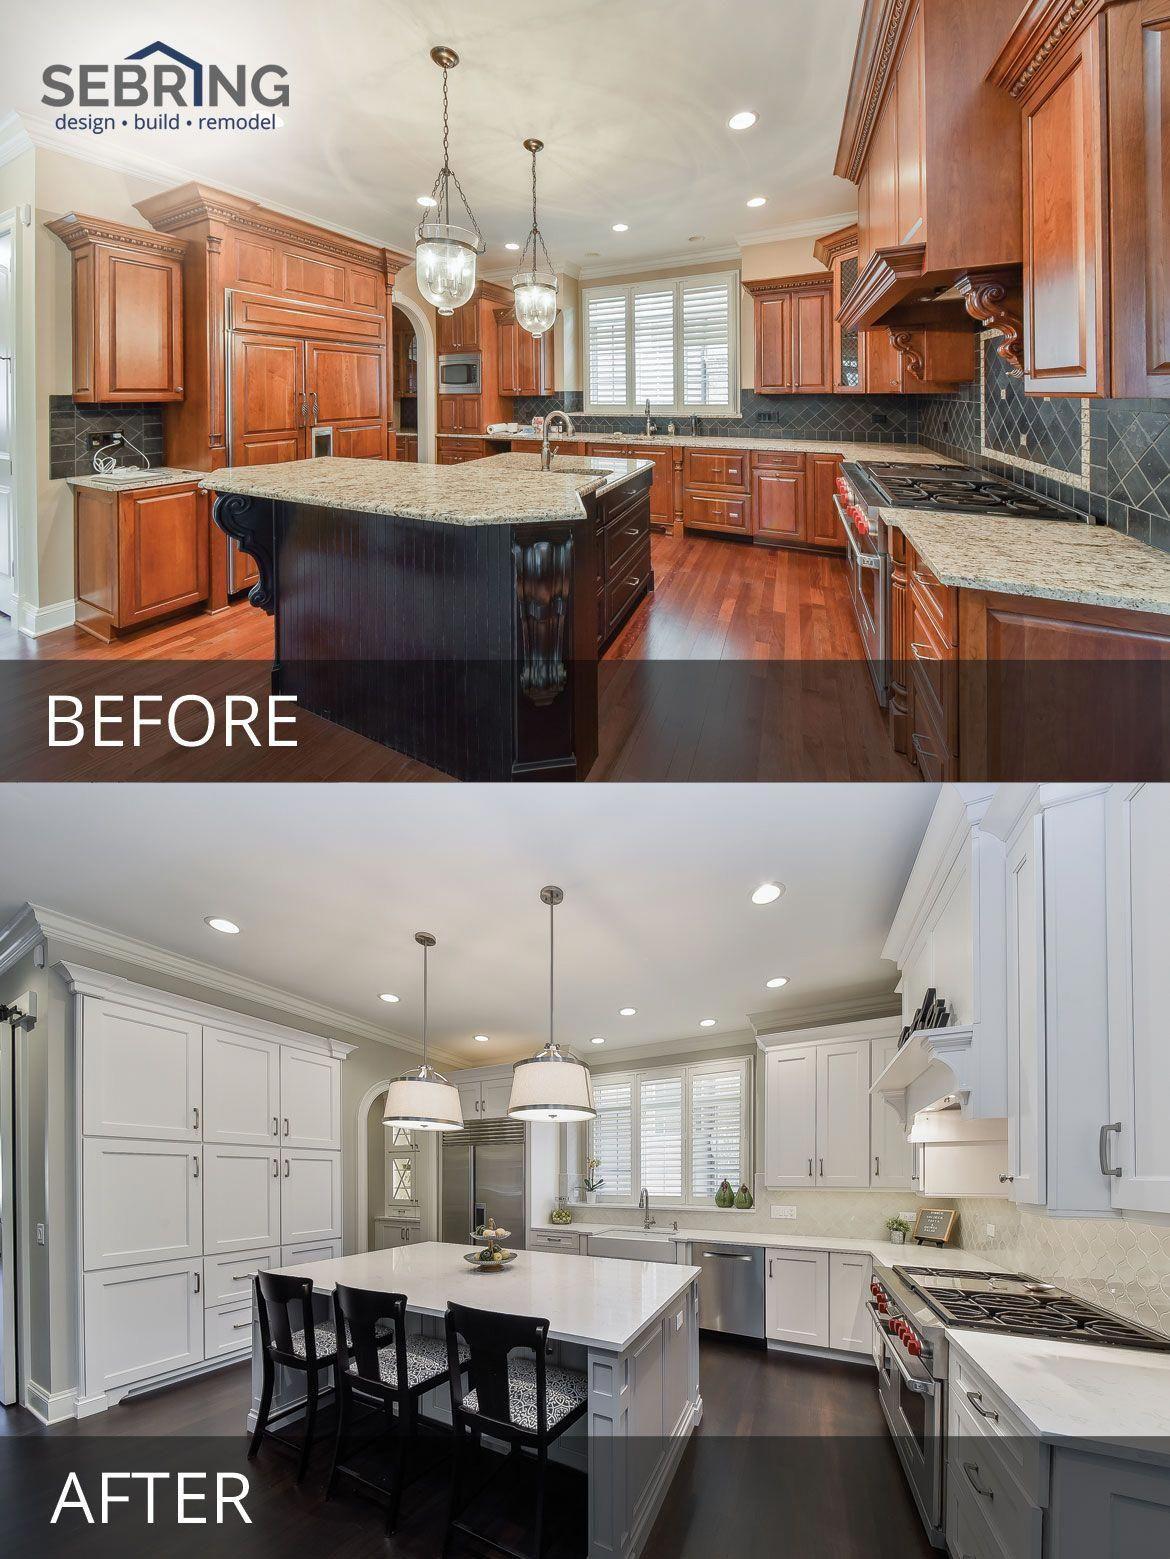 Kitchen Design Naperville Kichler Lighting Whole House Remodel Sebring Build Kitchenremodelbeforeandafter